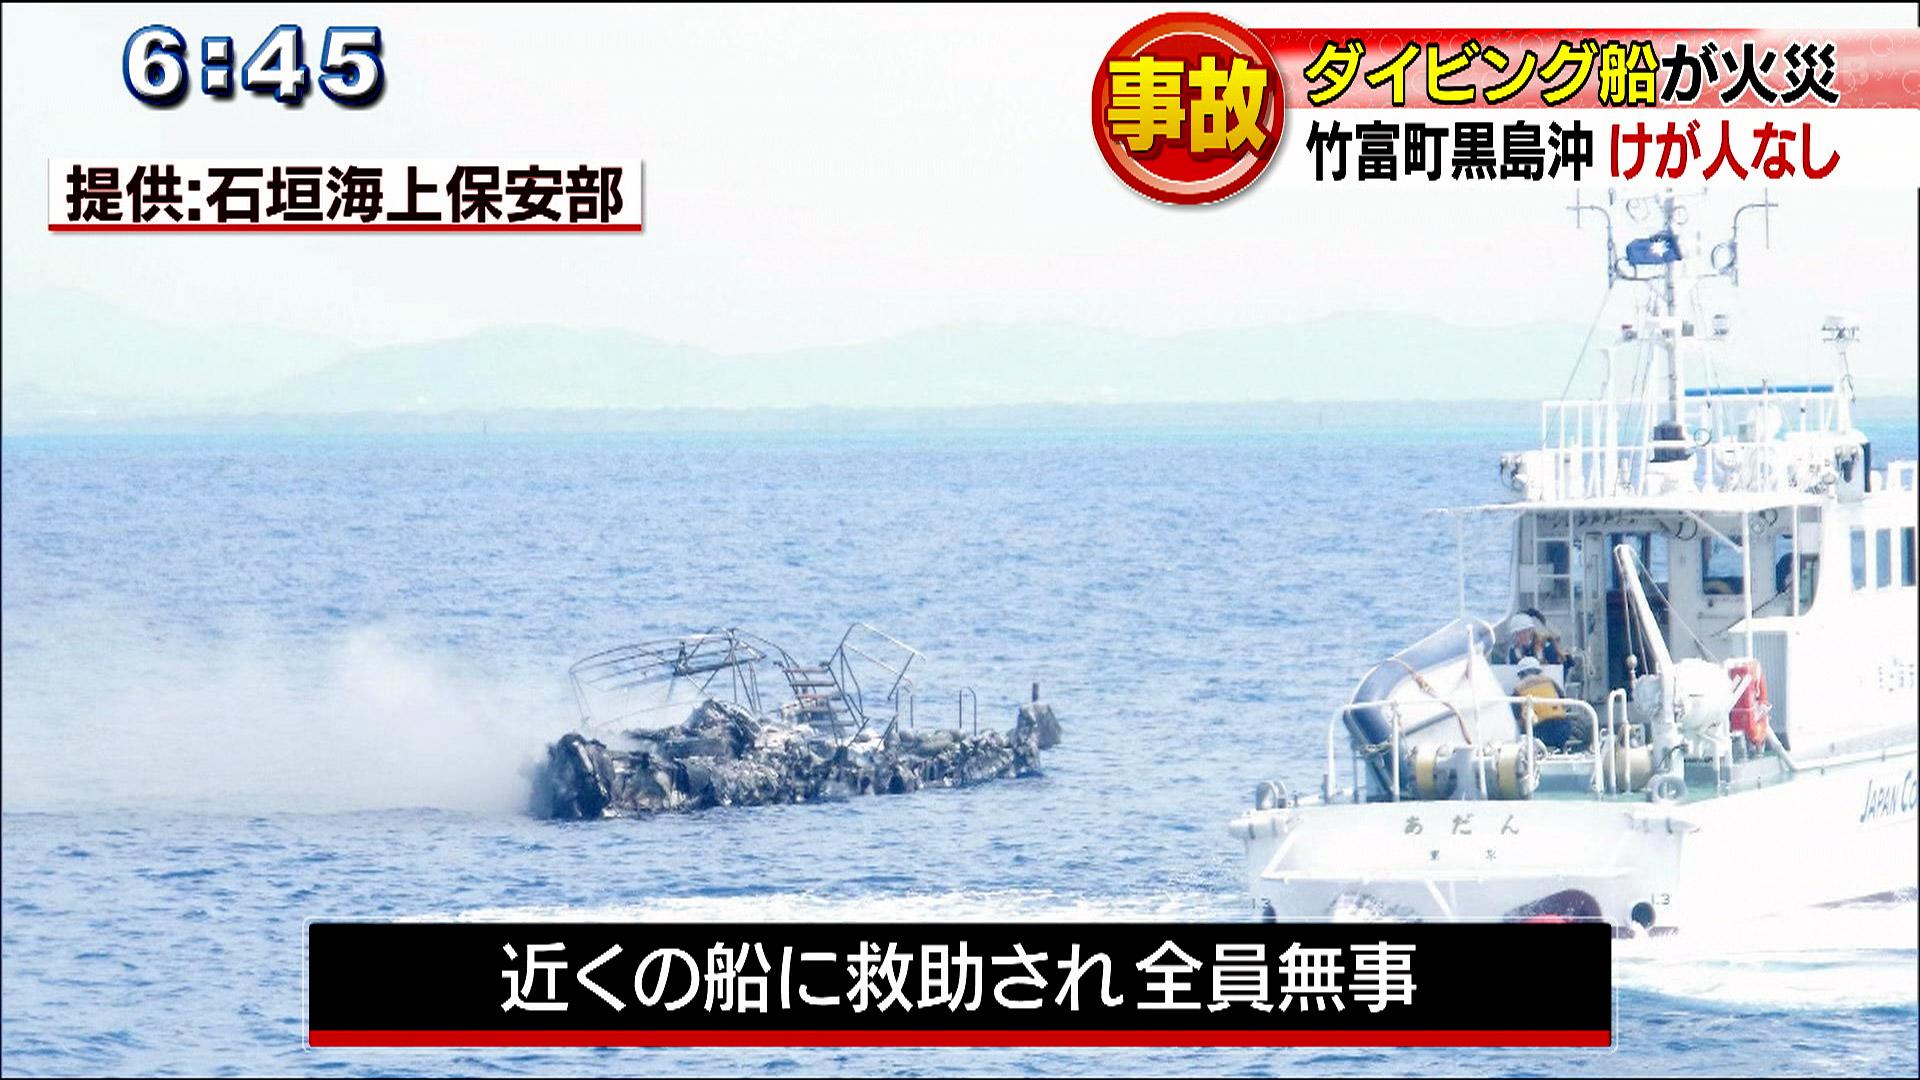 竹富町黒島で船から火災 全焼するもけが人なし